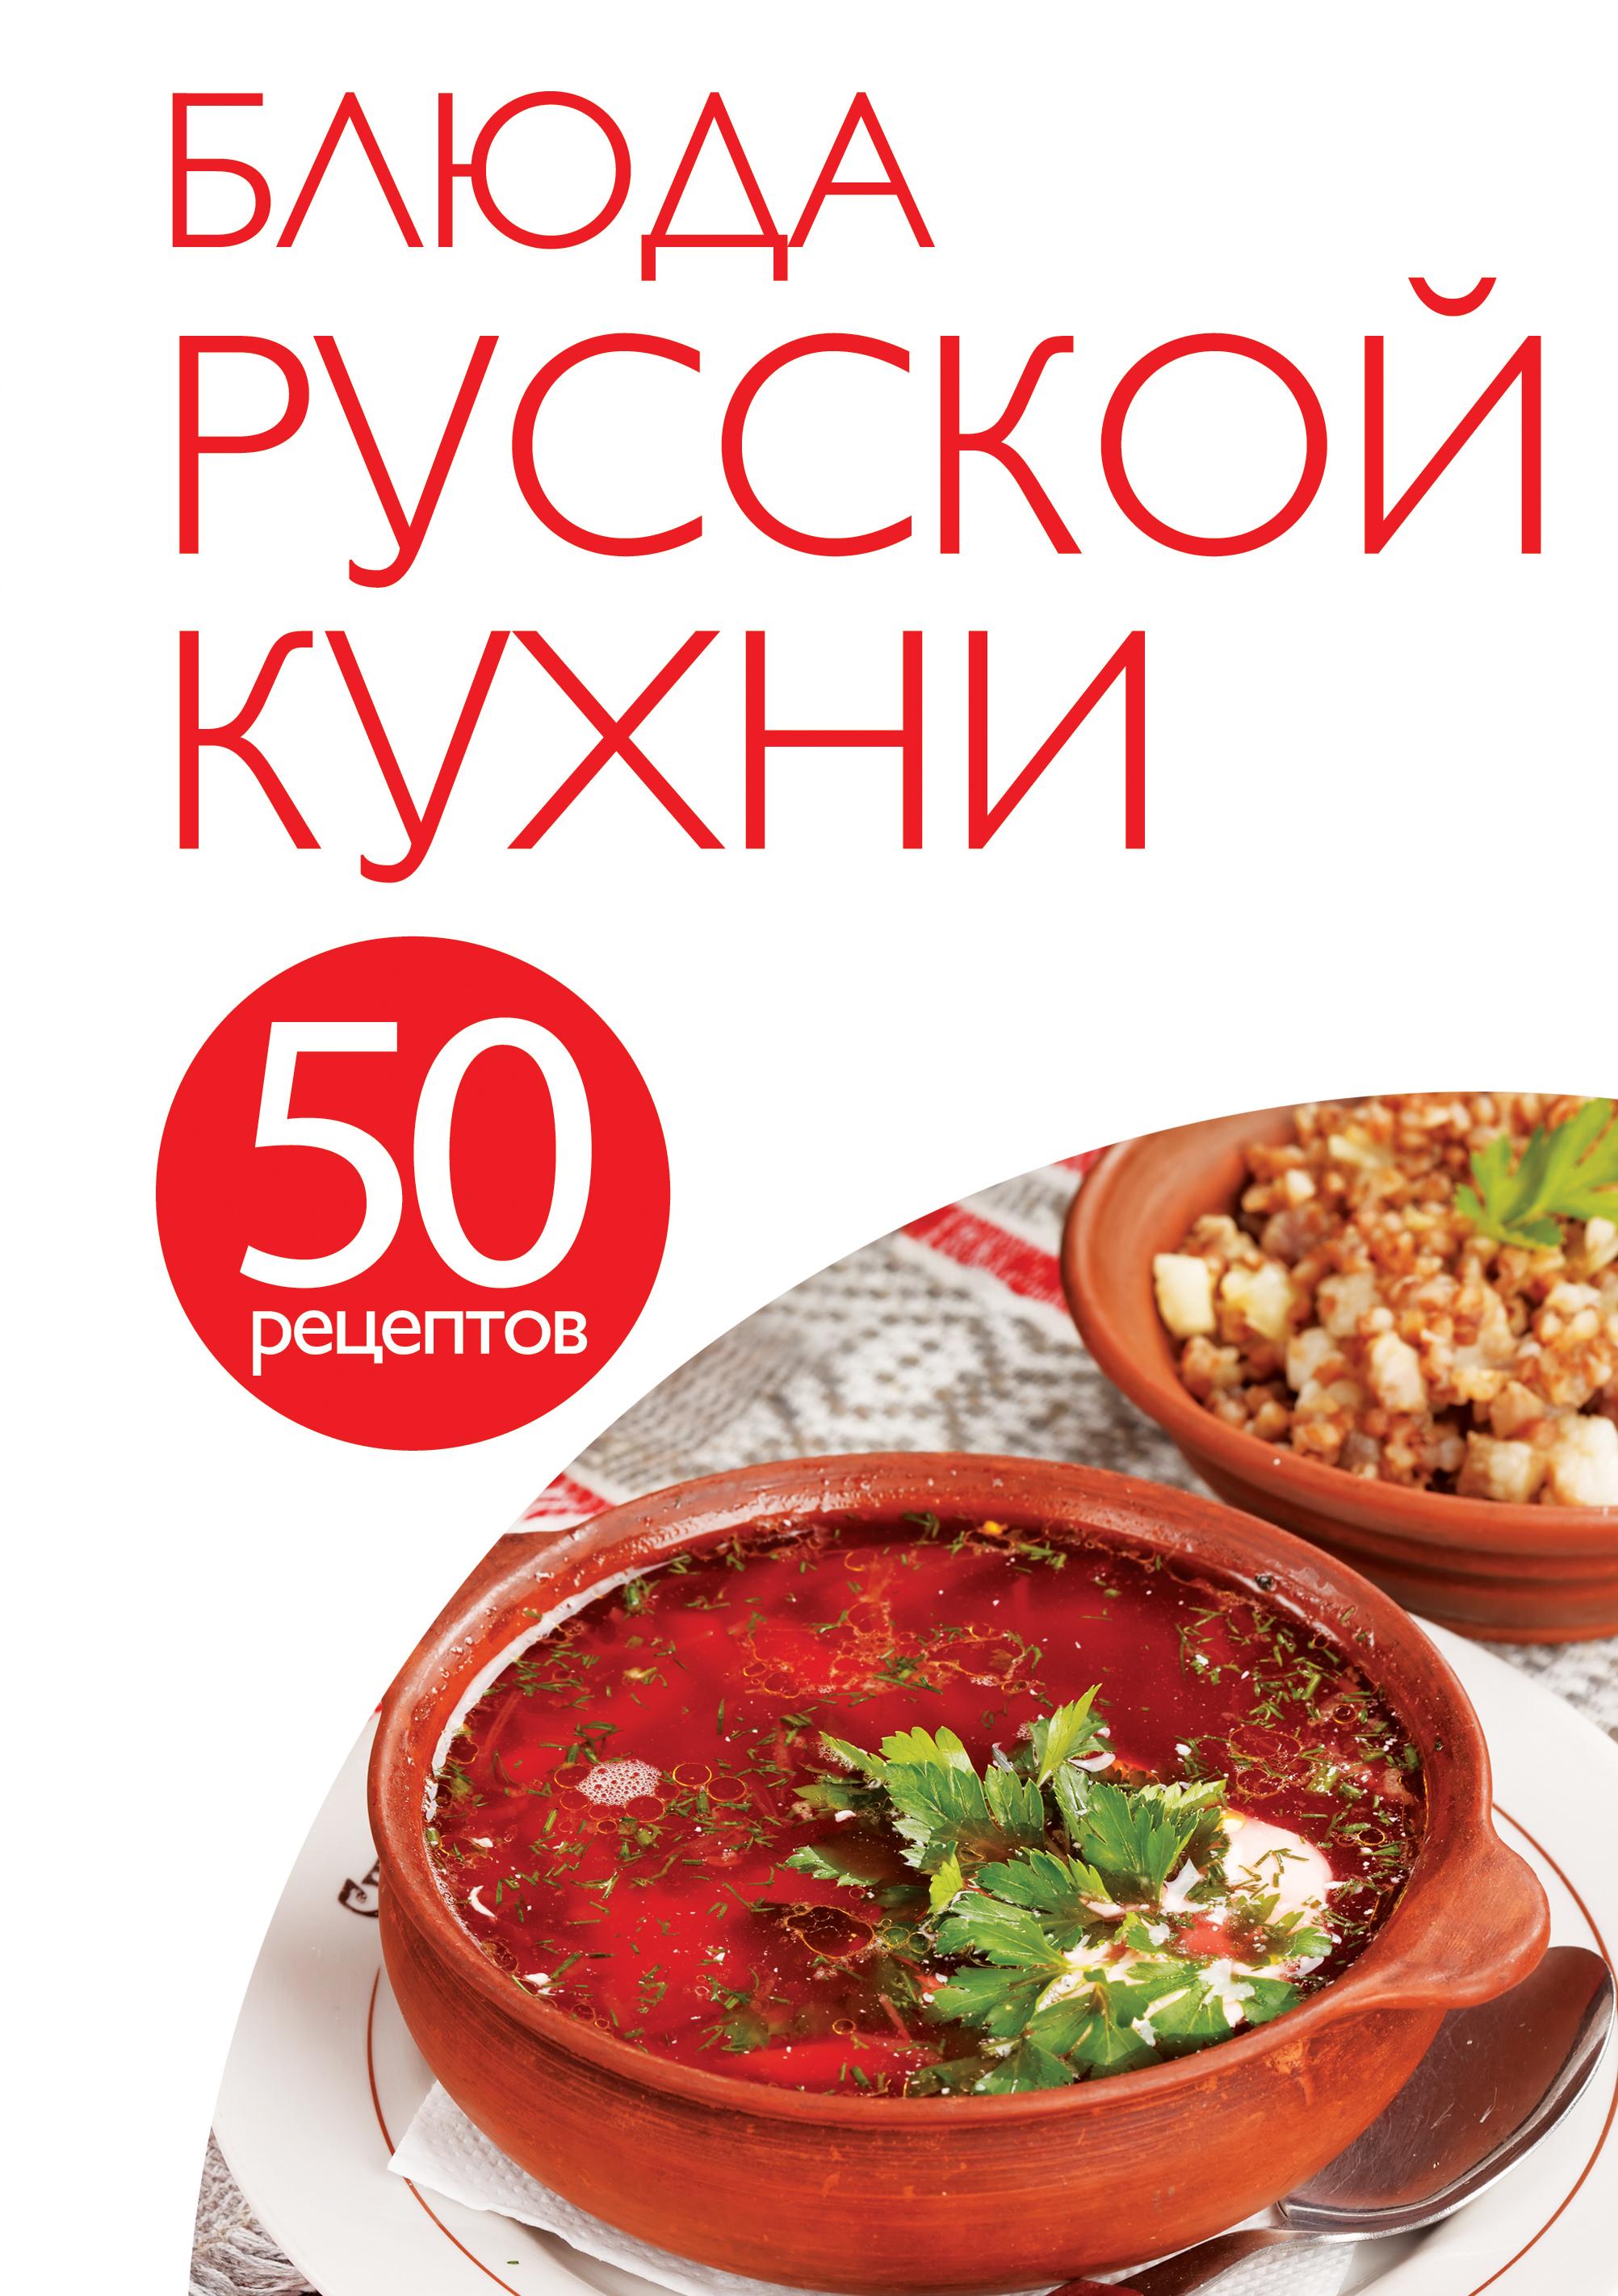 50 рецептов. Блюда русской кухни блюда русской кухни 50 рецептов